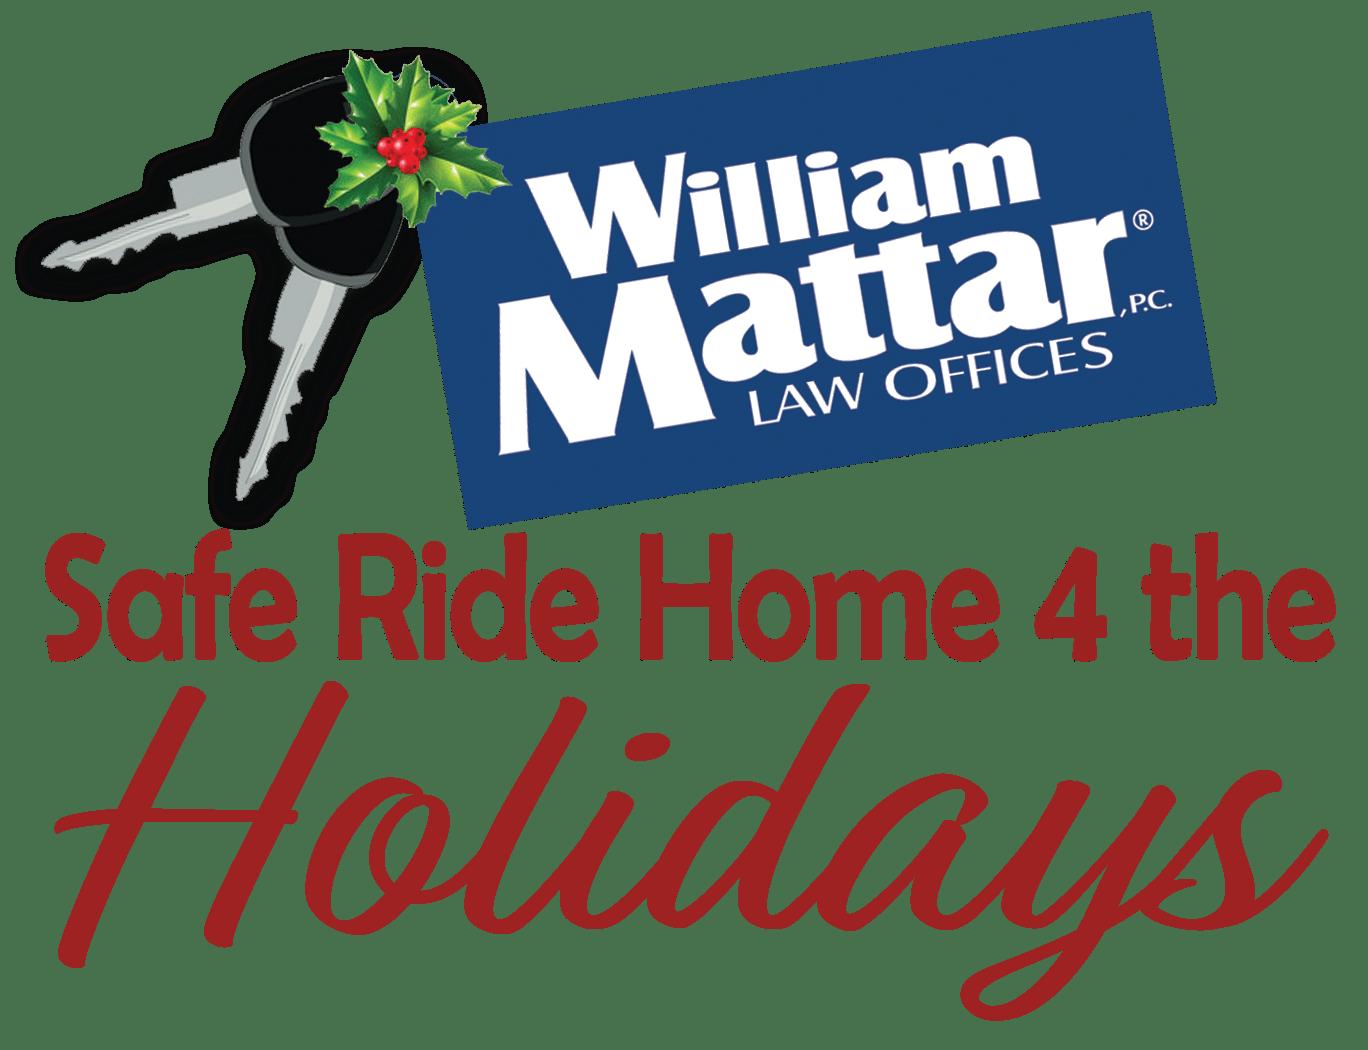 William Mattar Safe Ride Home 4 the Holidays Logo